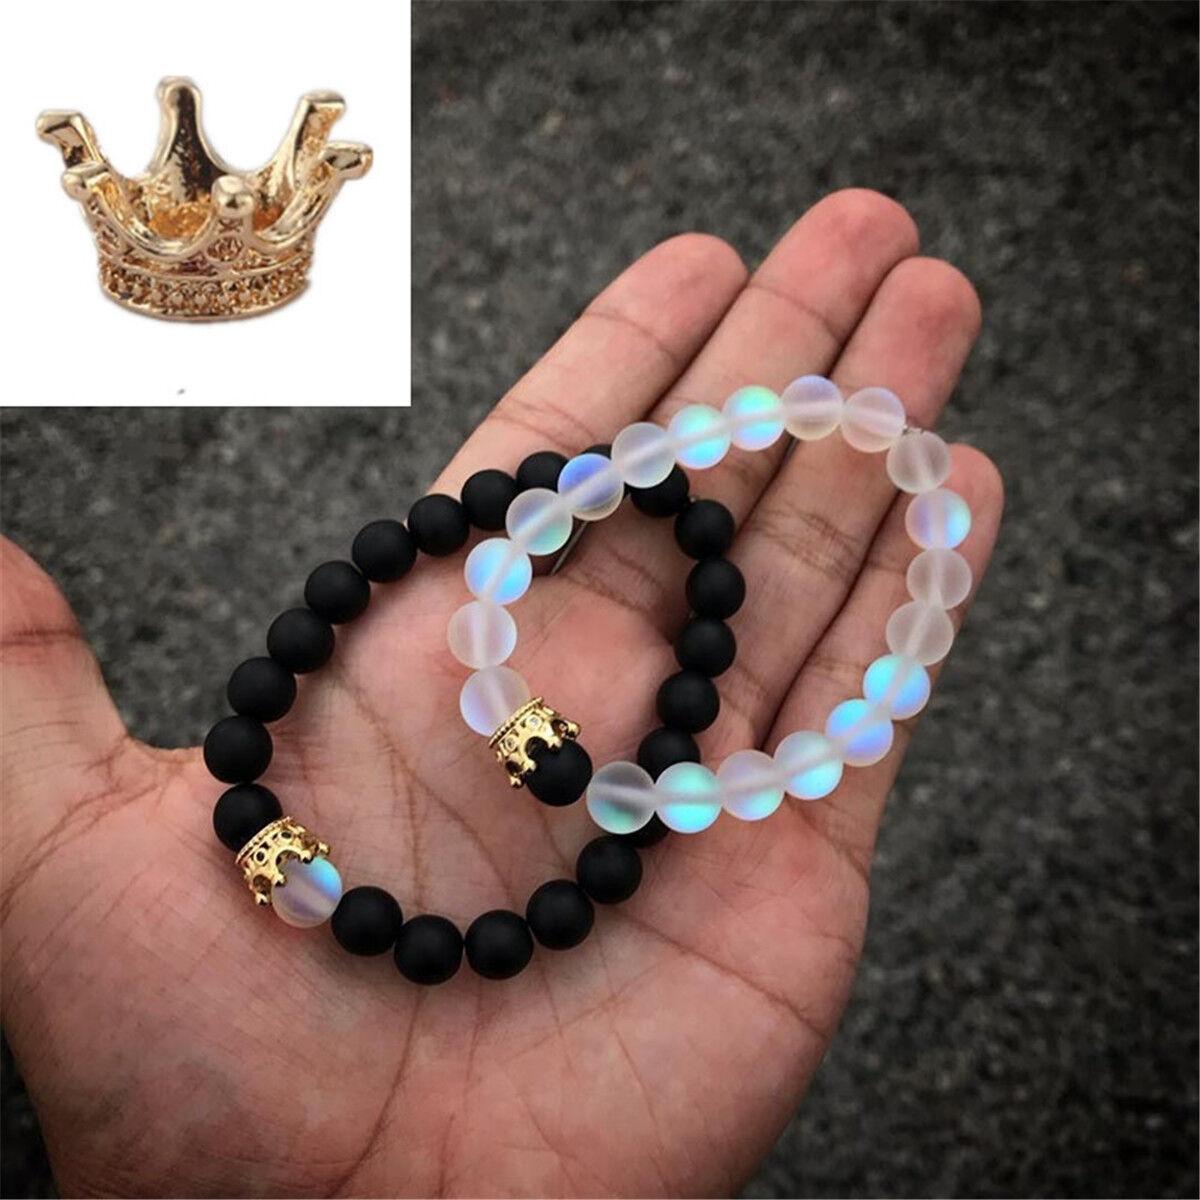 LOLIAS 8PCS 8mm Perles De Pierres Distance Couple Bracelet Crown King Queen Noir Mat Agate Oeil De Tigre Pierre Naturelle Perles Bracelet /Élastique Diffuseur Cadeaux pour Hommes et Femmes